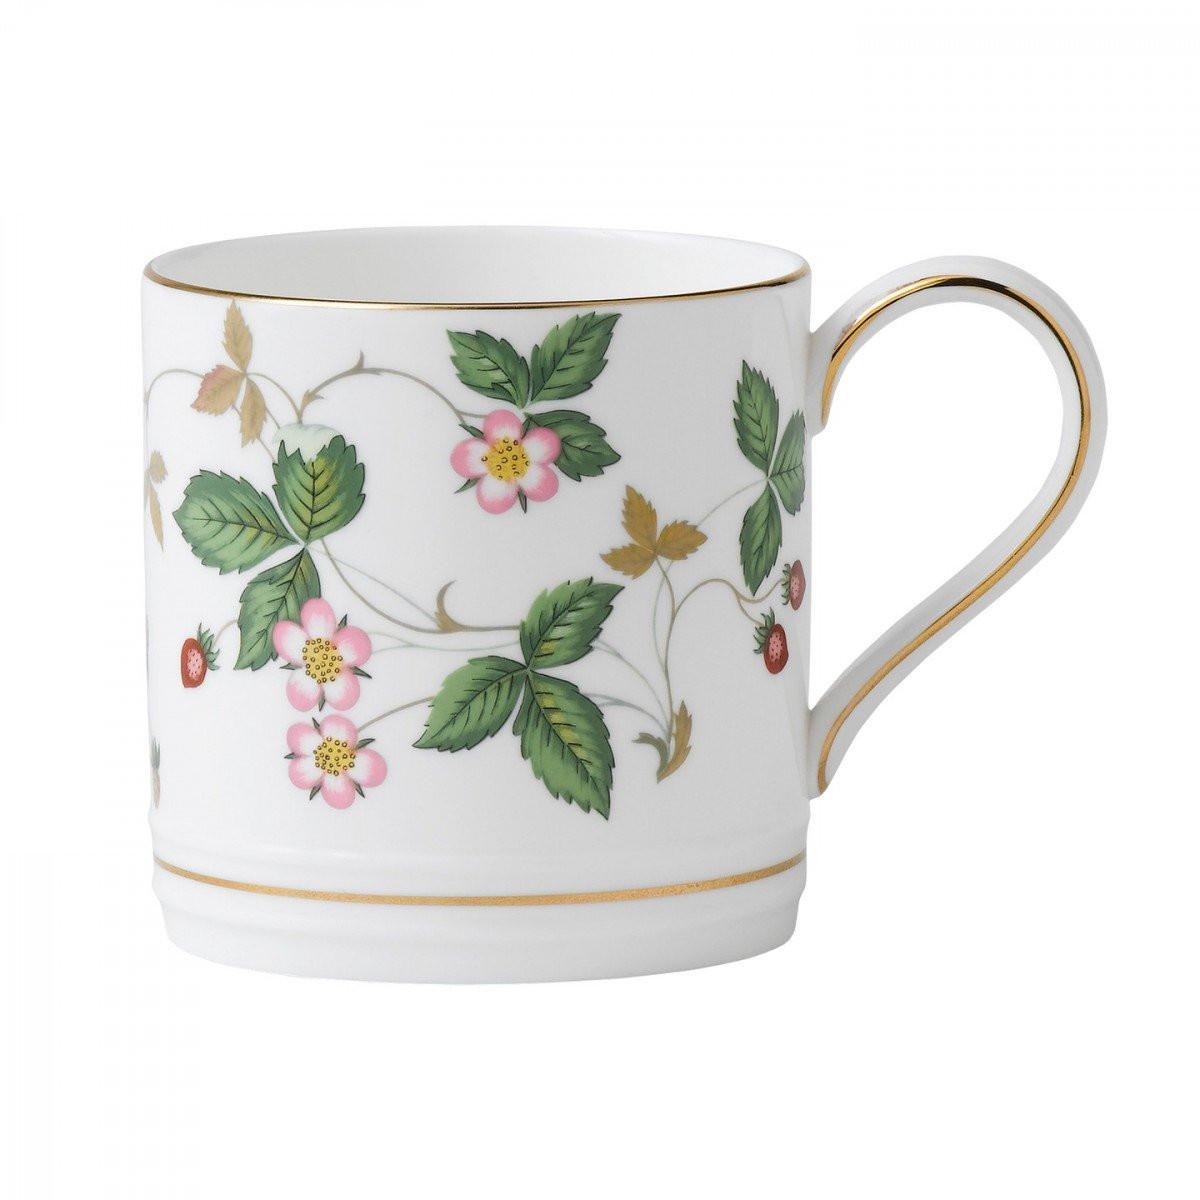 wedgwood green jasperware vase of wedgwood wild strawberry mug wedgwooda uk within wild strawberry mug